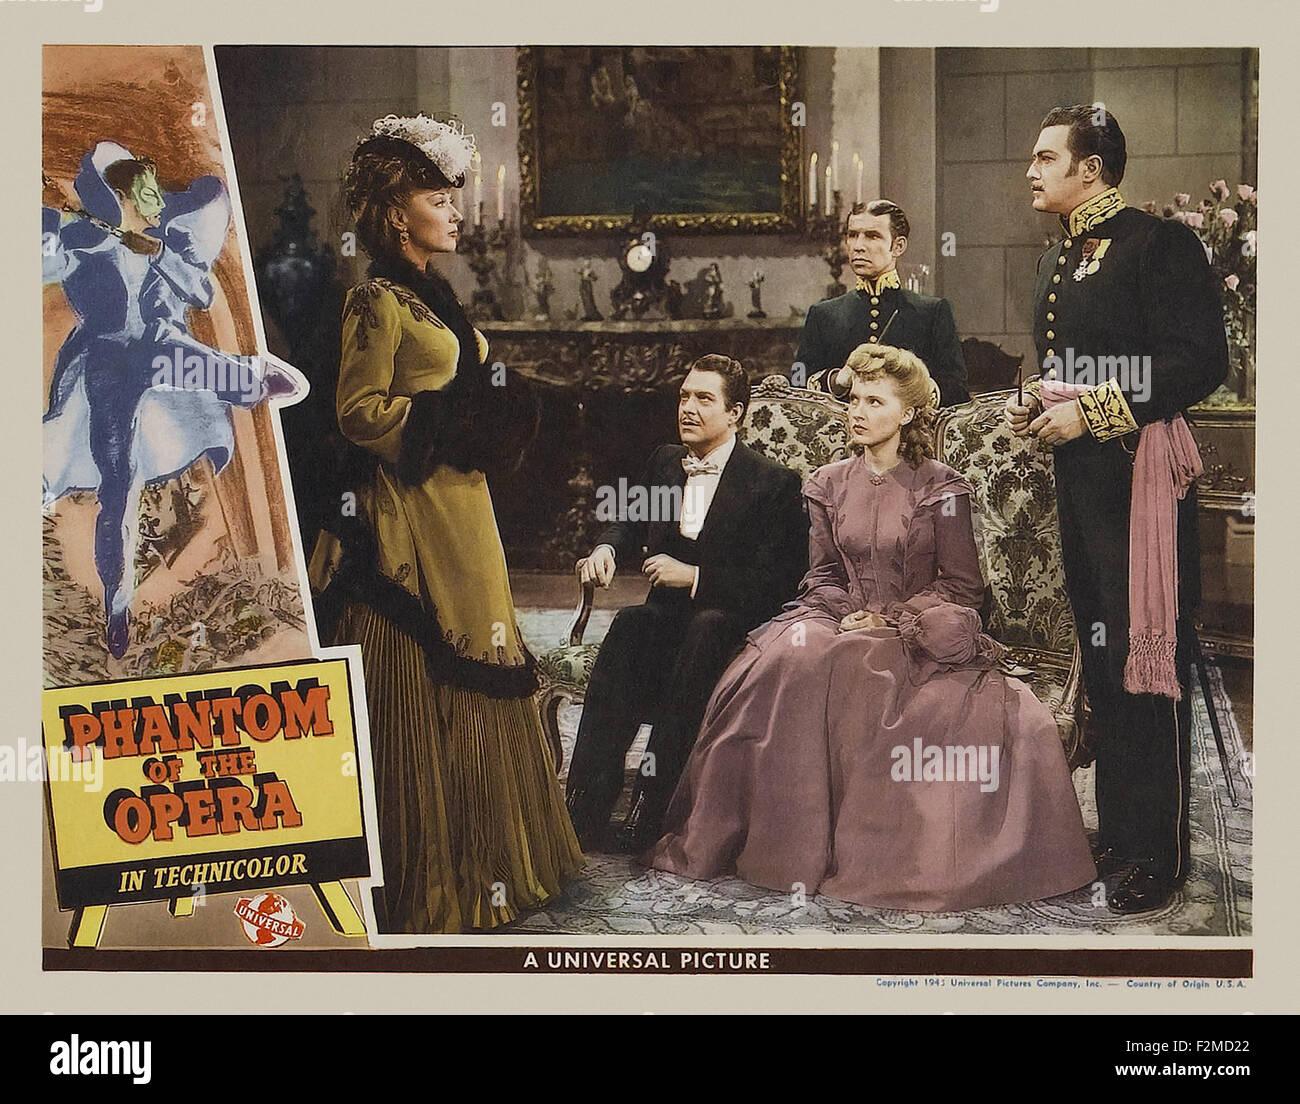 Phantom of the Opera (1943) - Movie Poster - Stock Image